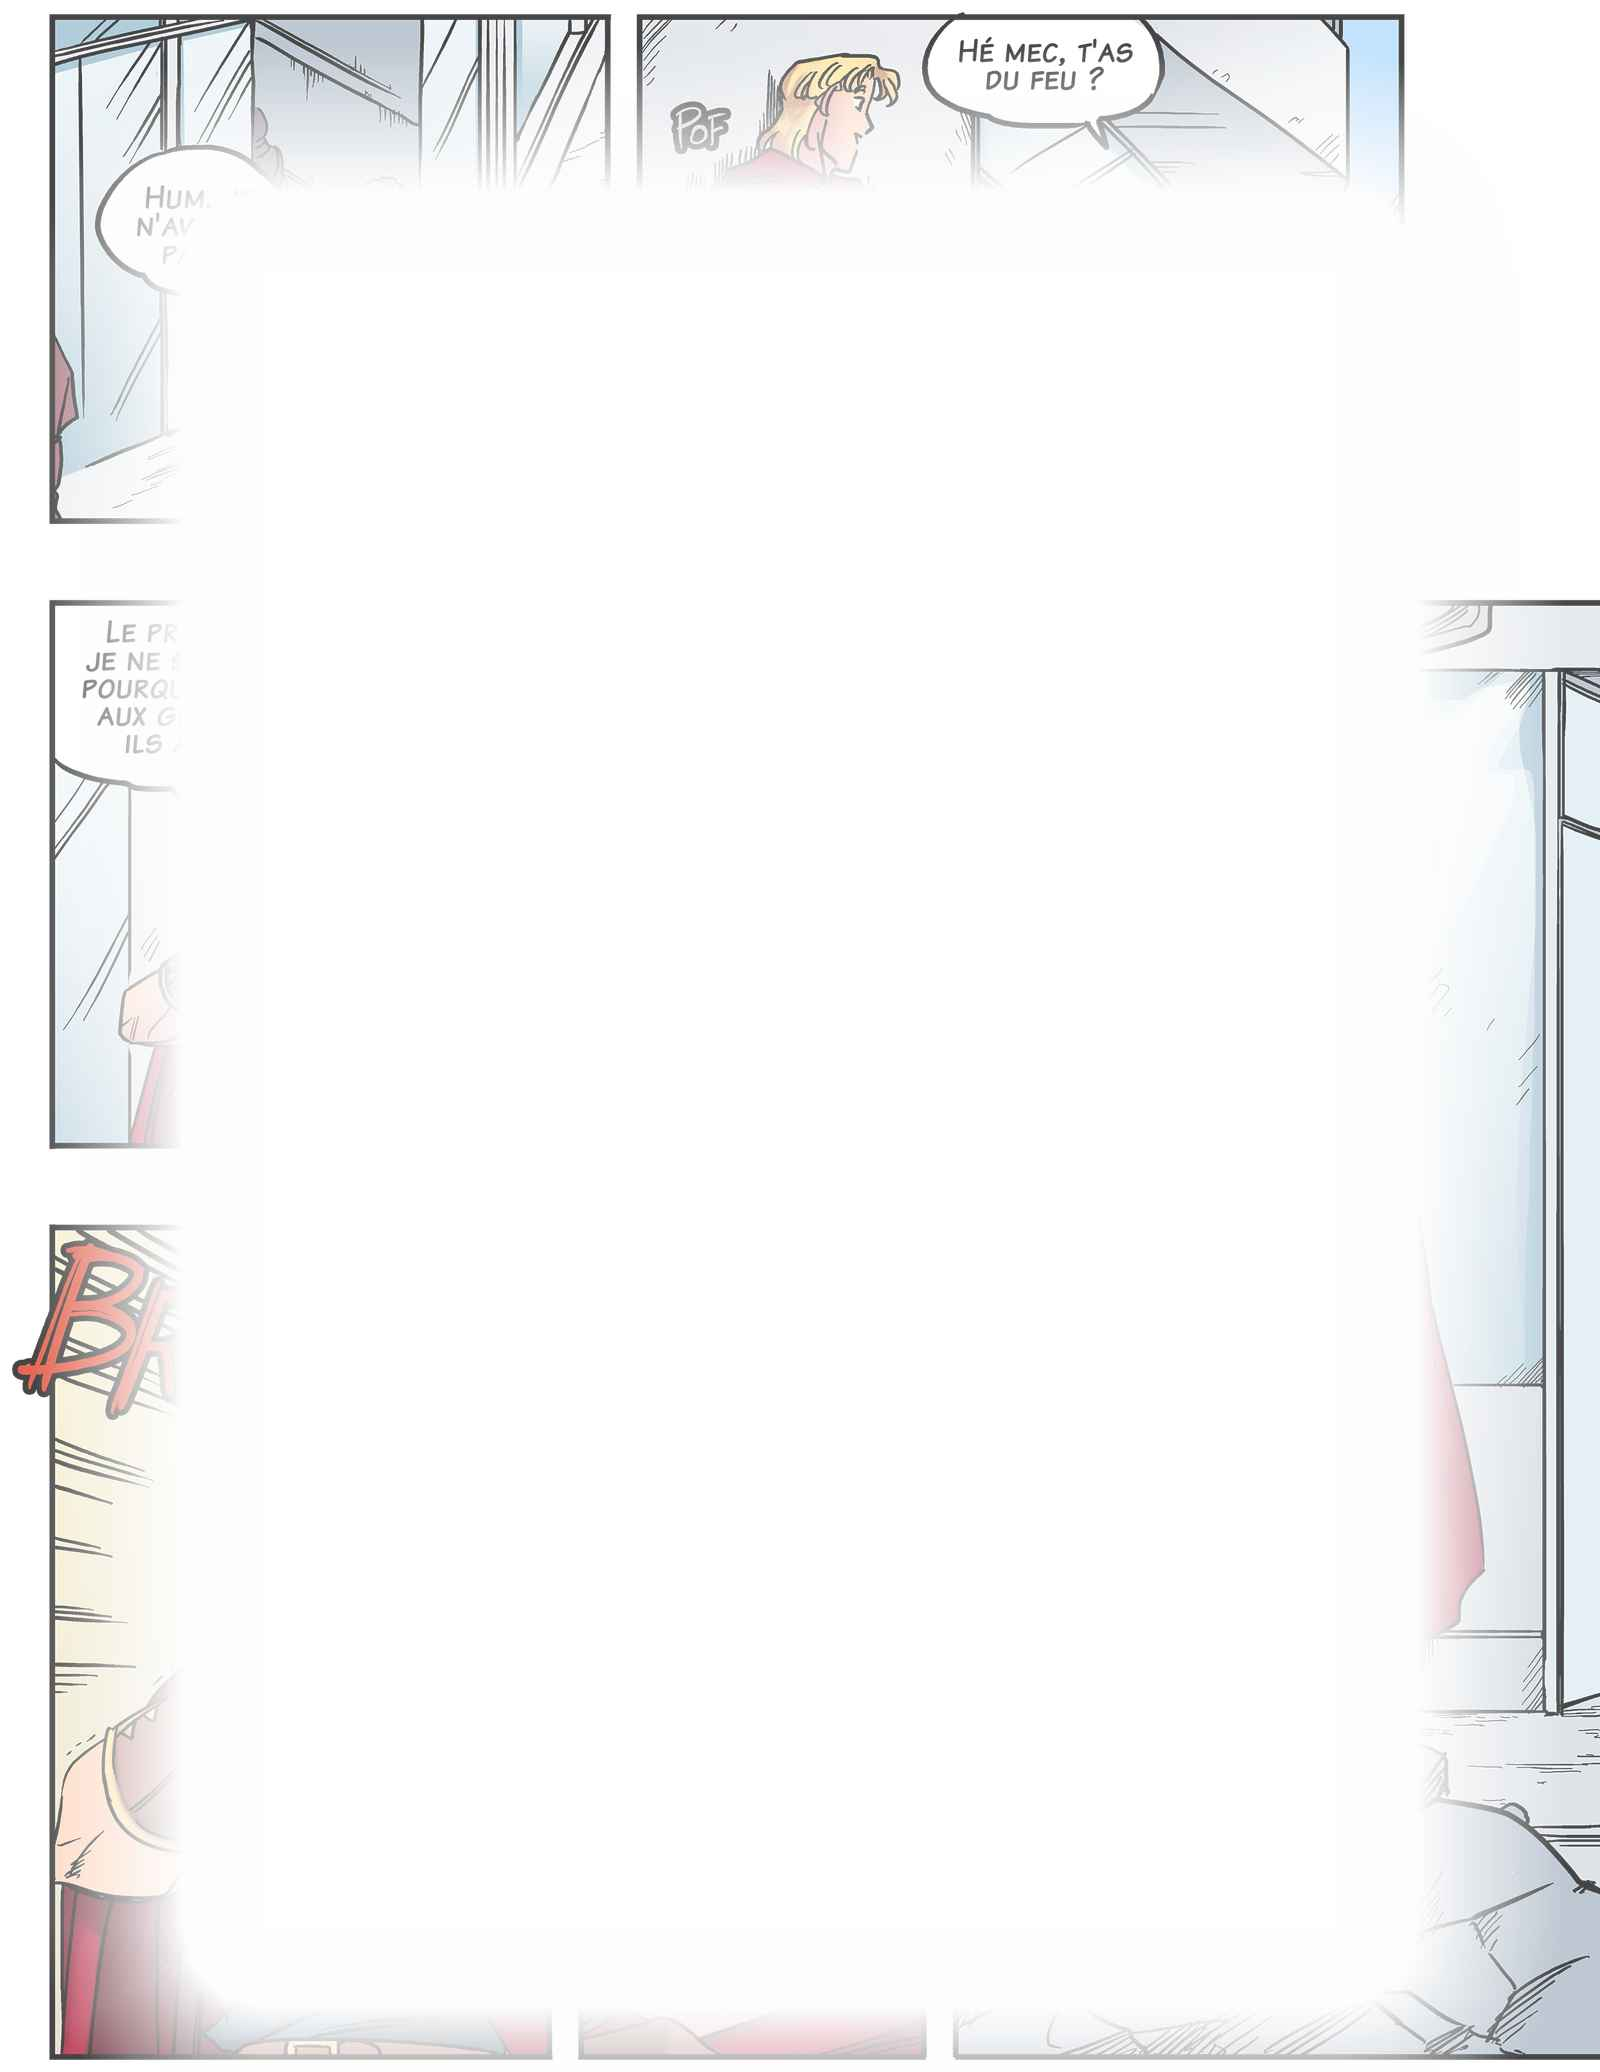 Hémisphères : Chapitre 12 page 8